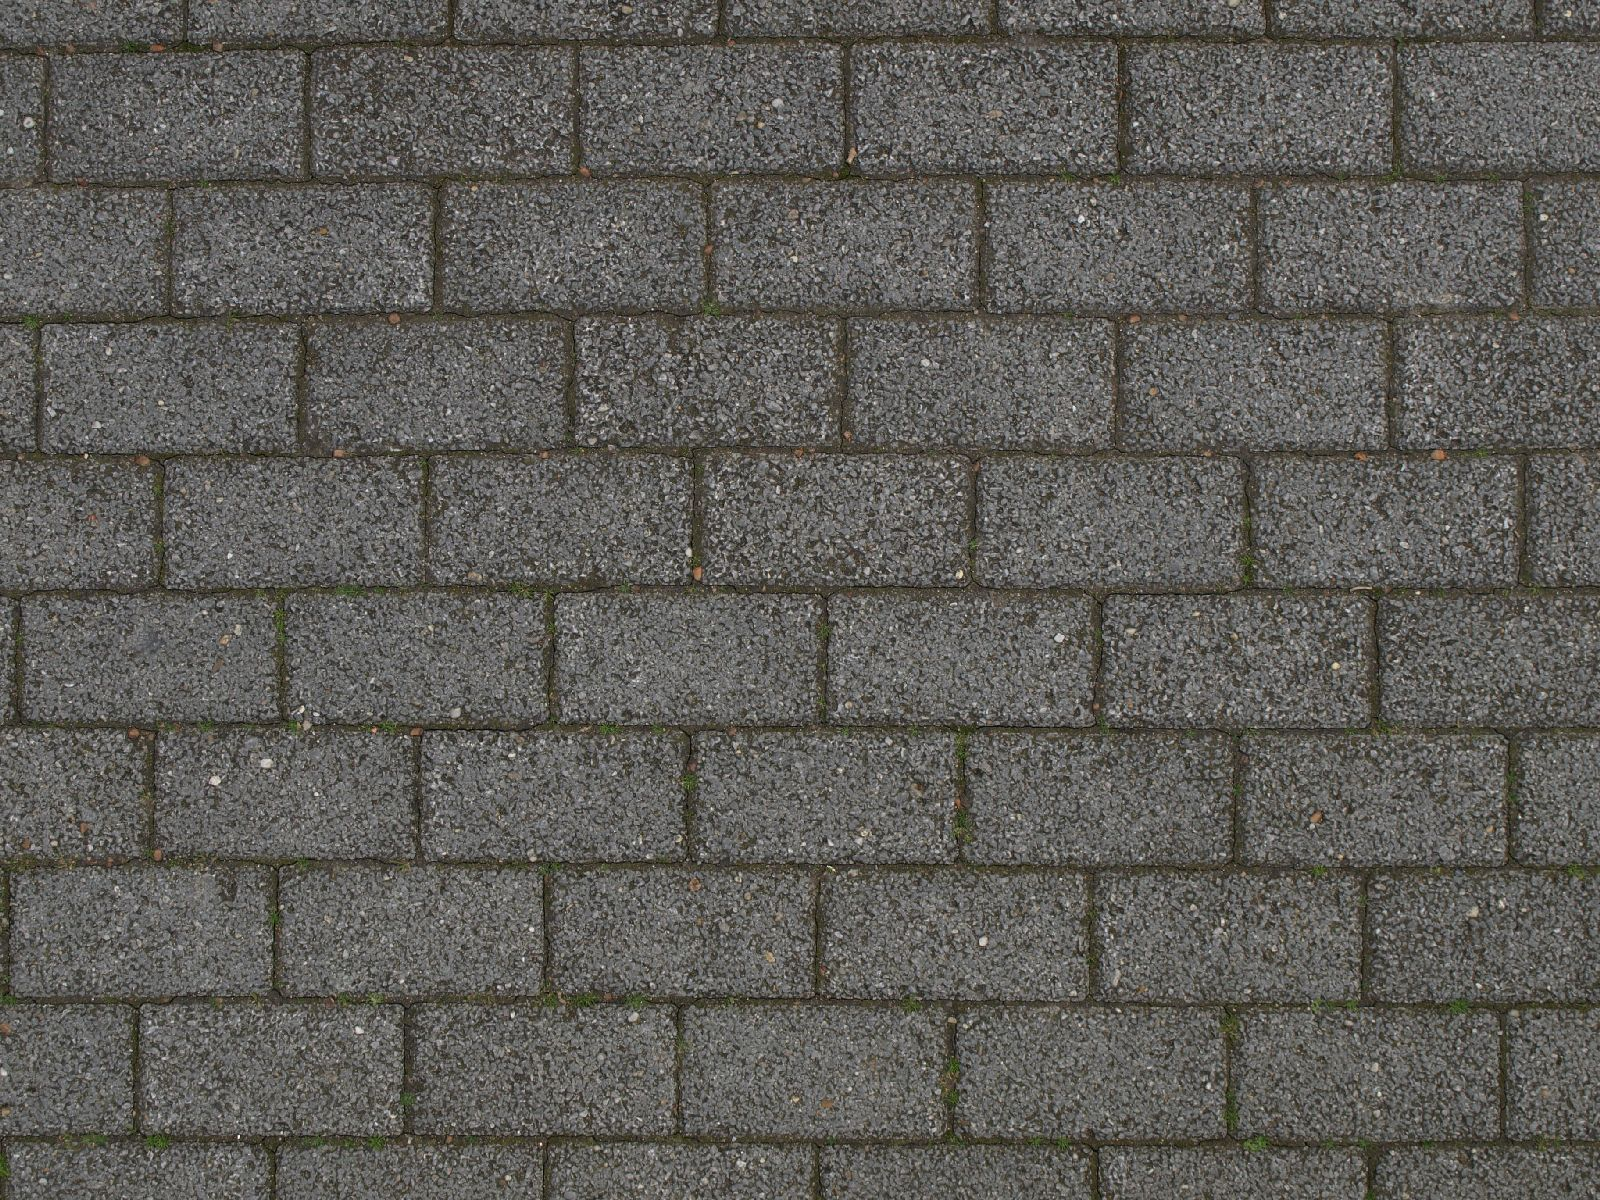 Boden-Gehweg-Strasse-Buergersteig-Textur_A_P4110669